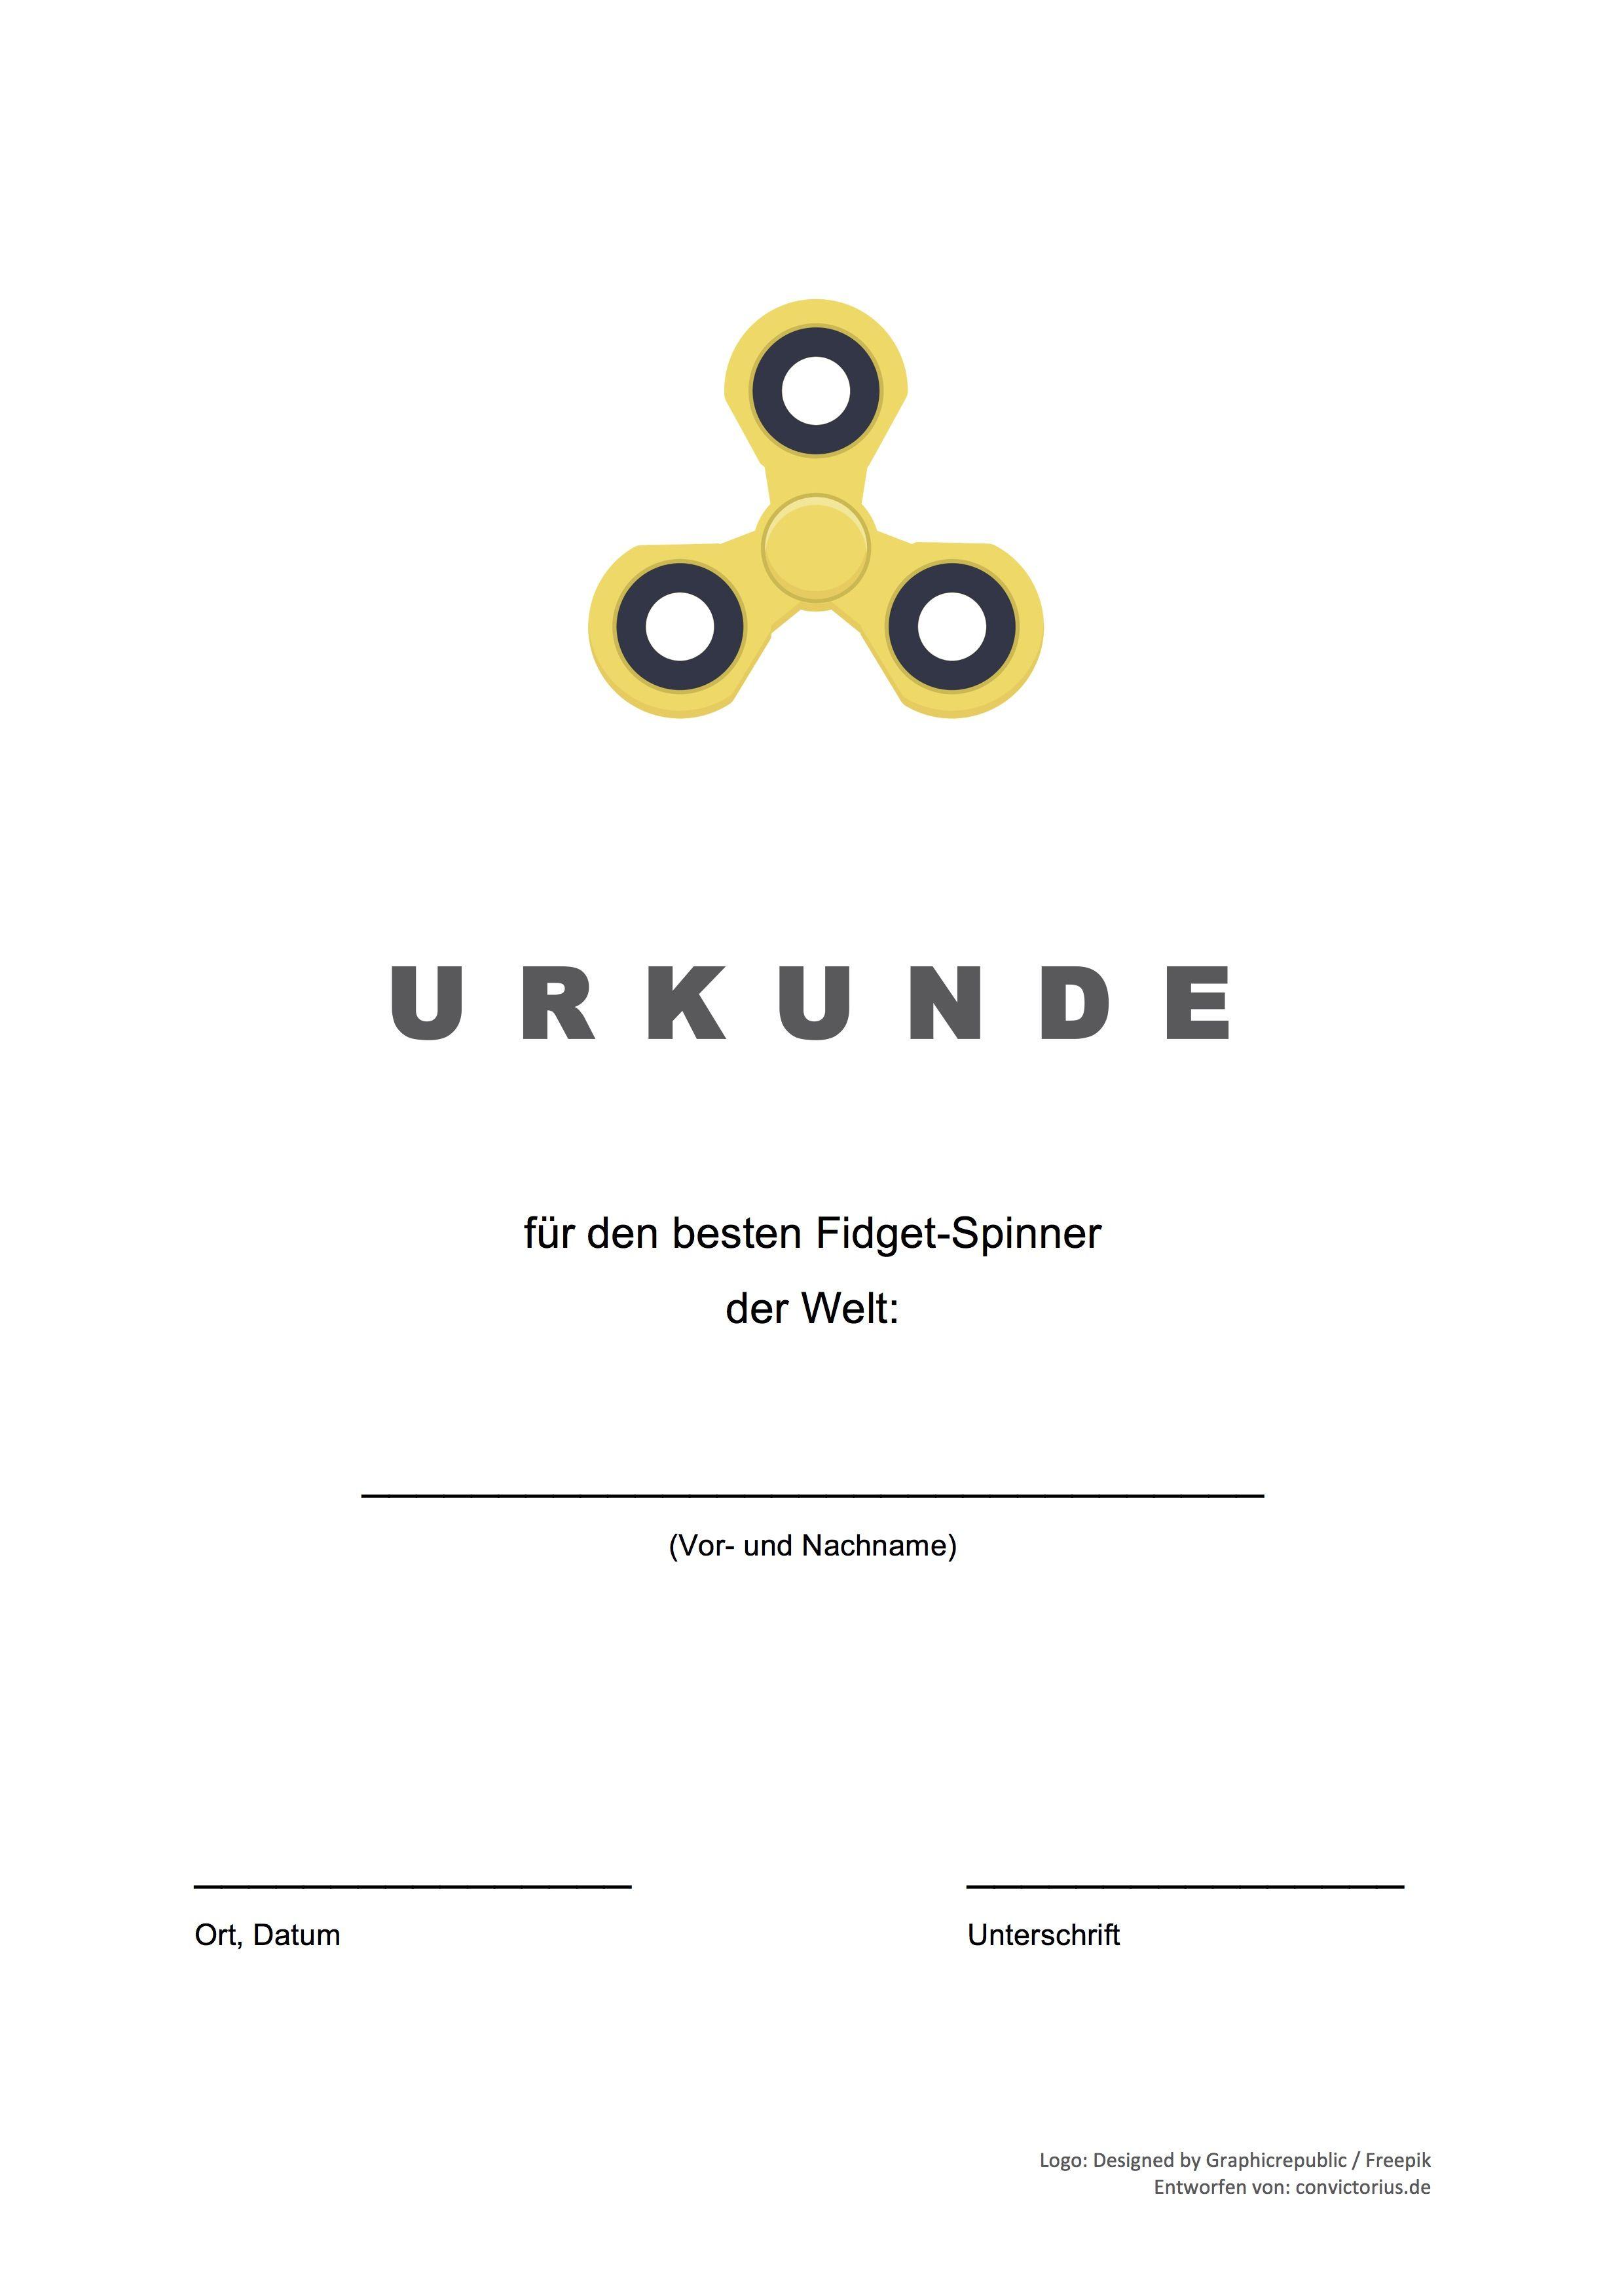 Gratis Vorlage Fid Spinner Urkunde word pdf